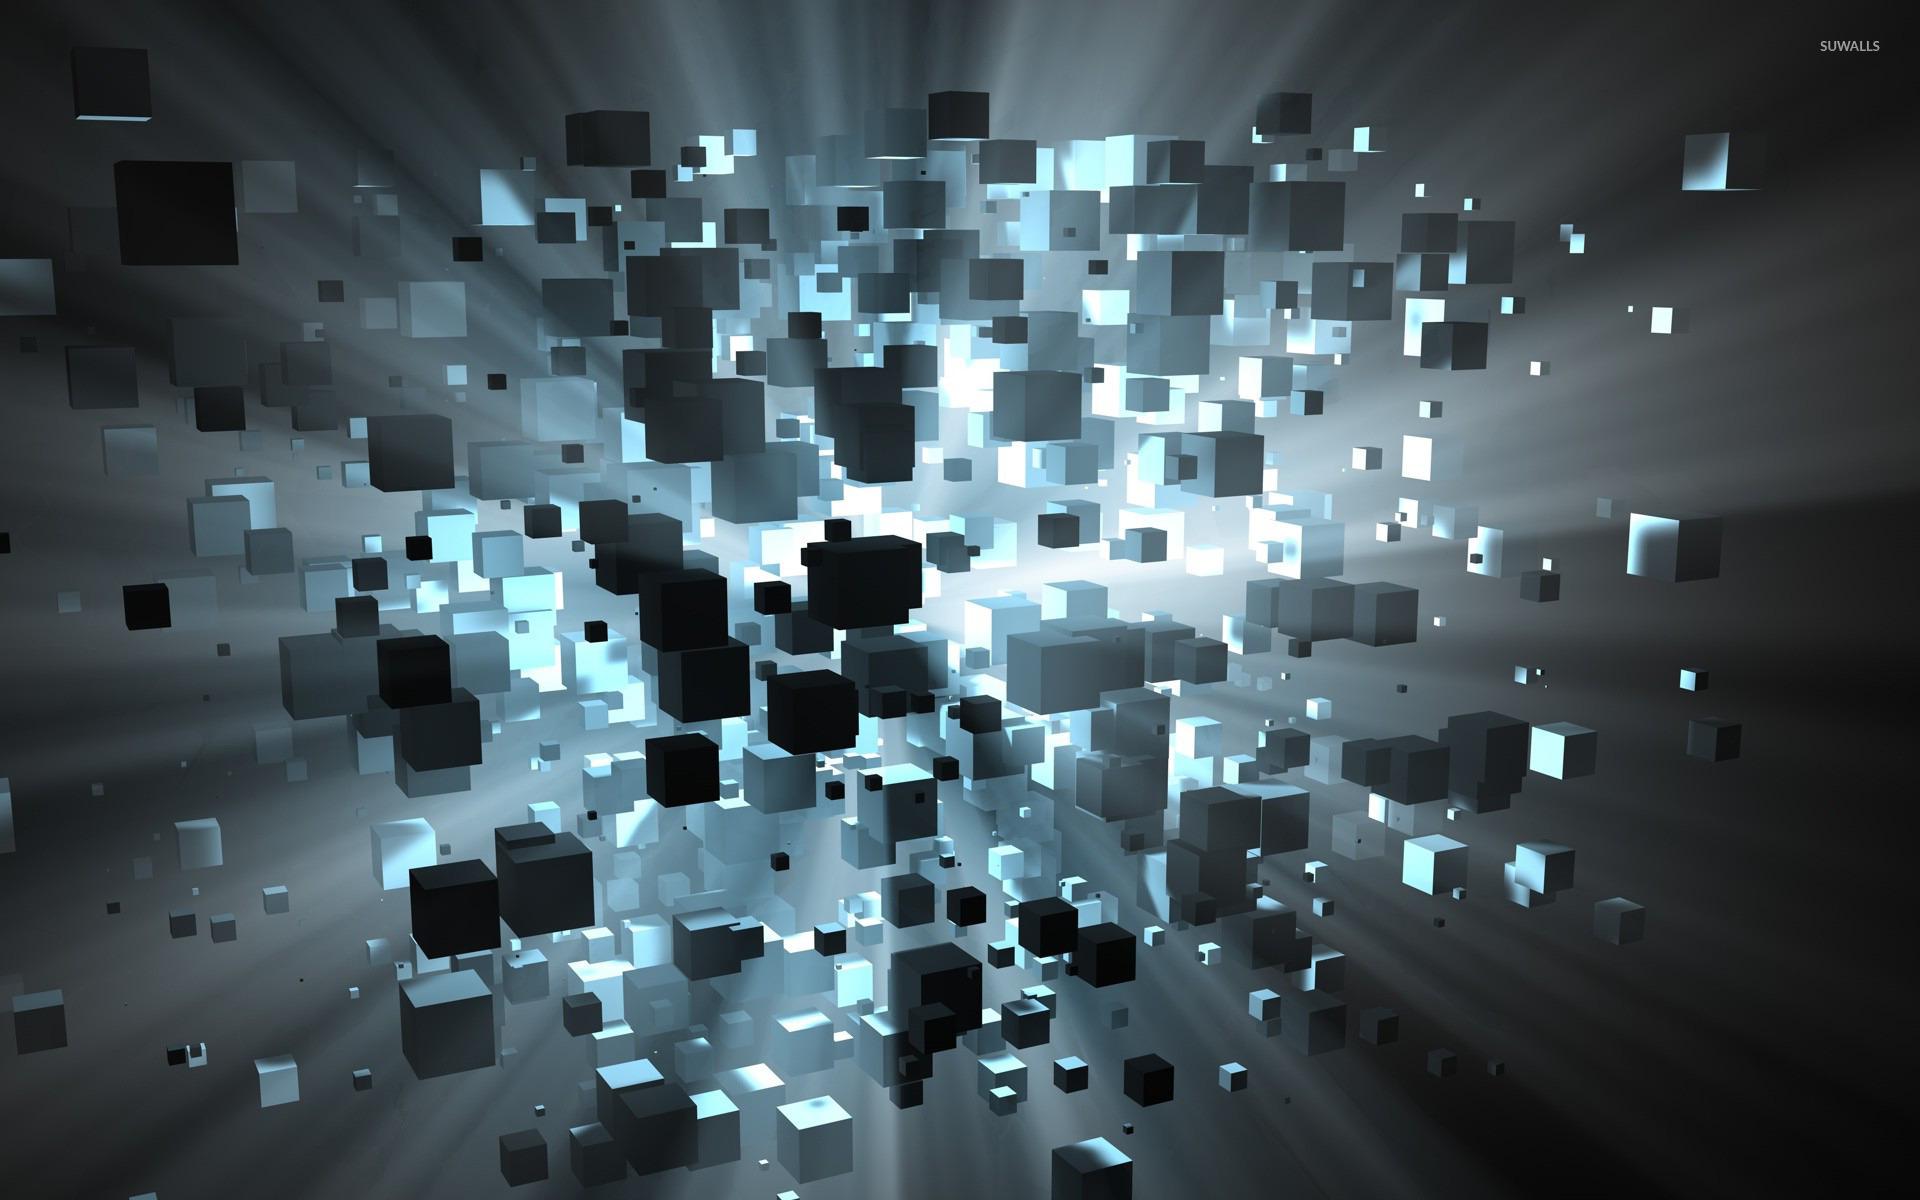 Matrix 3d Cube 3 Fondo De Pantalla Animado Hd Para: 3d Cube Wallpaper